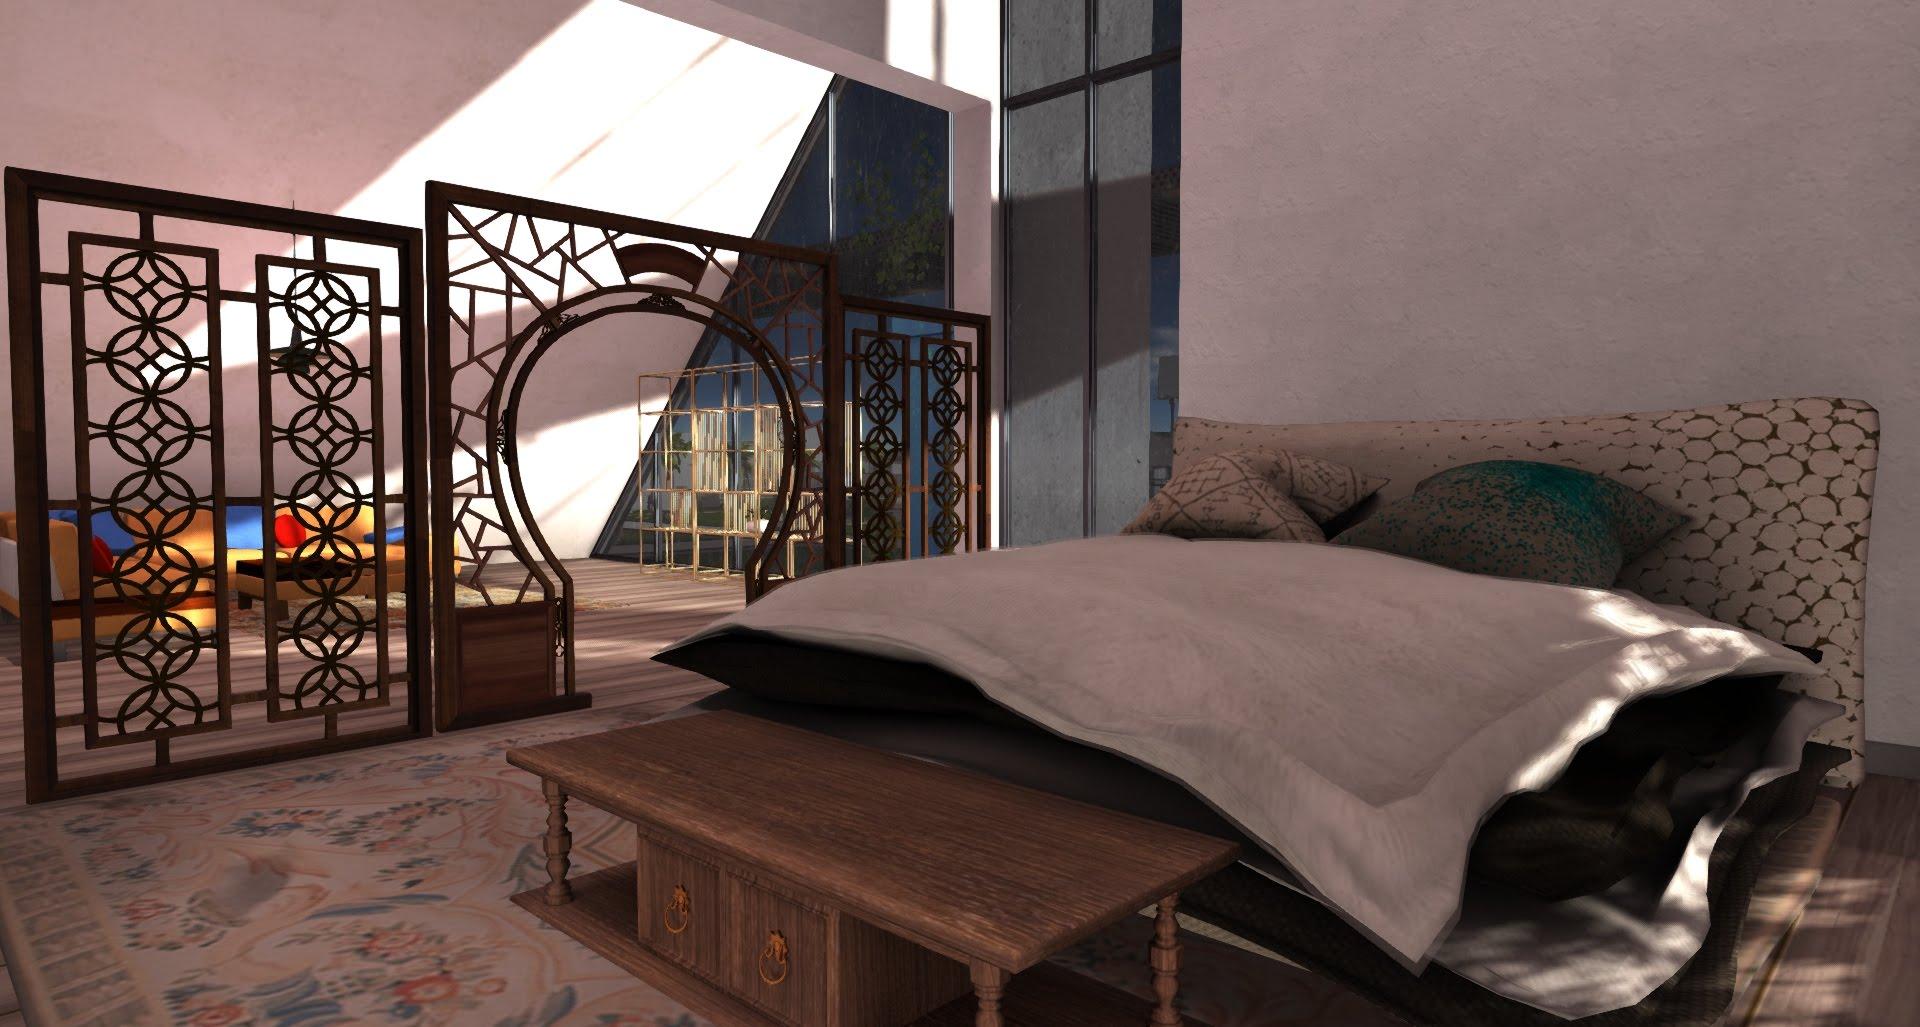 House 4: The Rothko